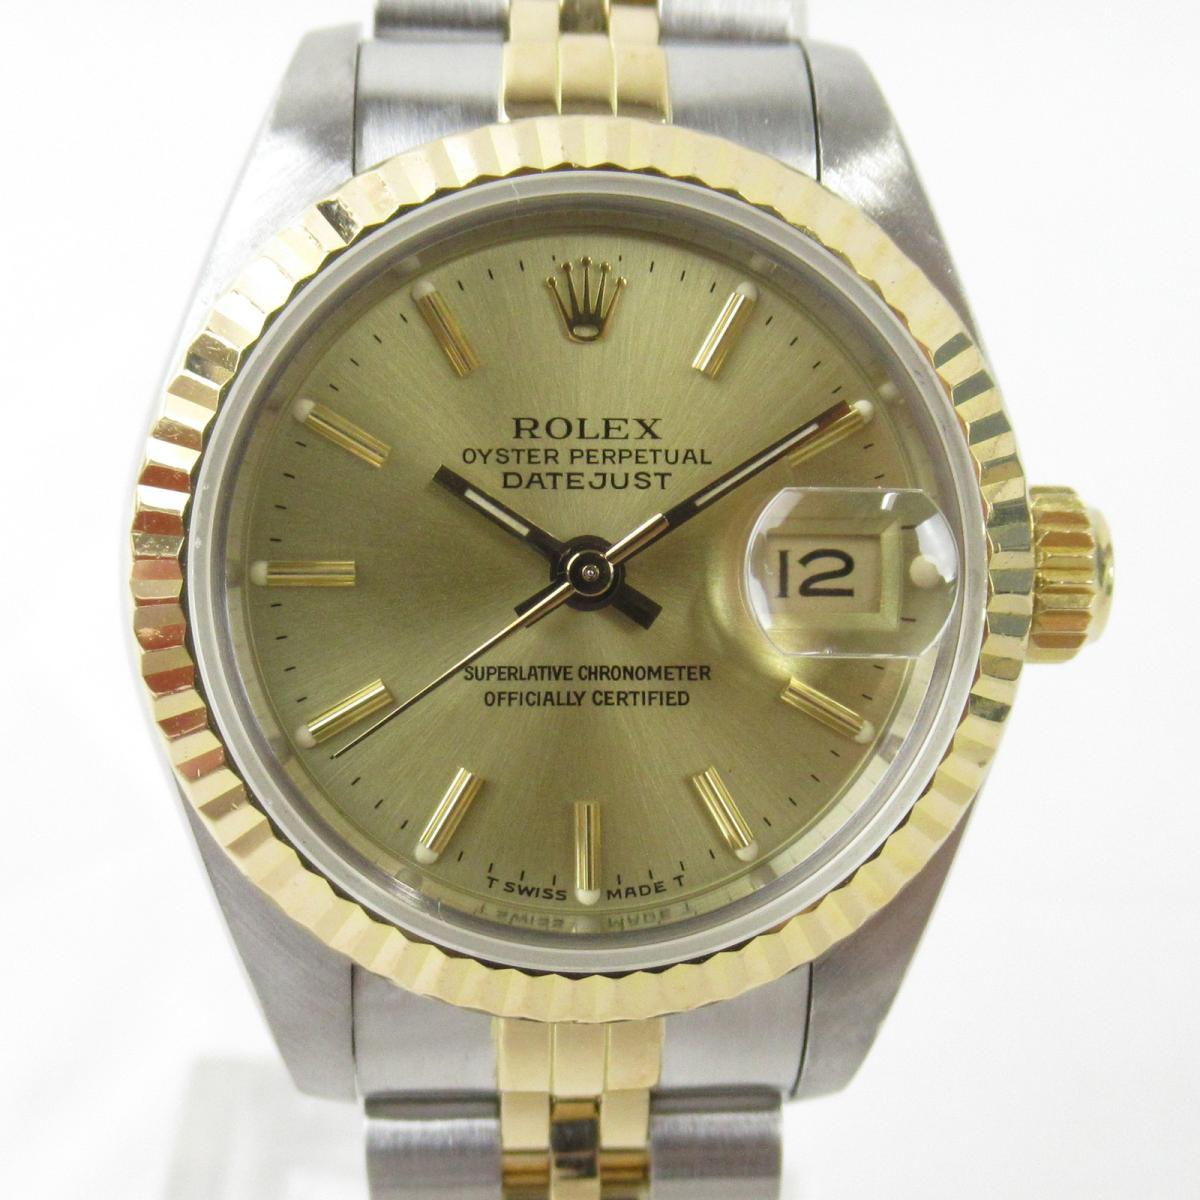 【中古】 ロレックス デイトジャスト 腕時計 ウォッチ レディース K18YG (750)イエローゴールド x ステンレススチール (SS) (69173 96番) | ROLEX BRANDOFF ブランドオフ ブランド ブランド時計 ブランド腕時計 時計